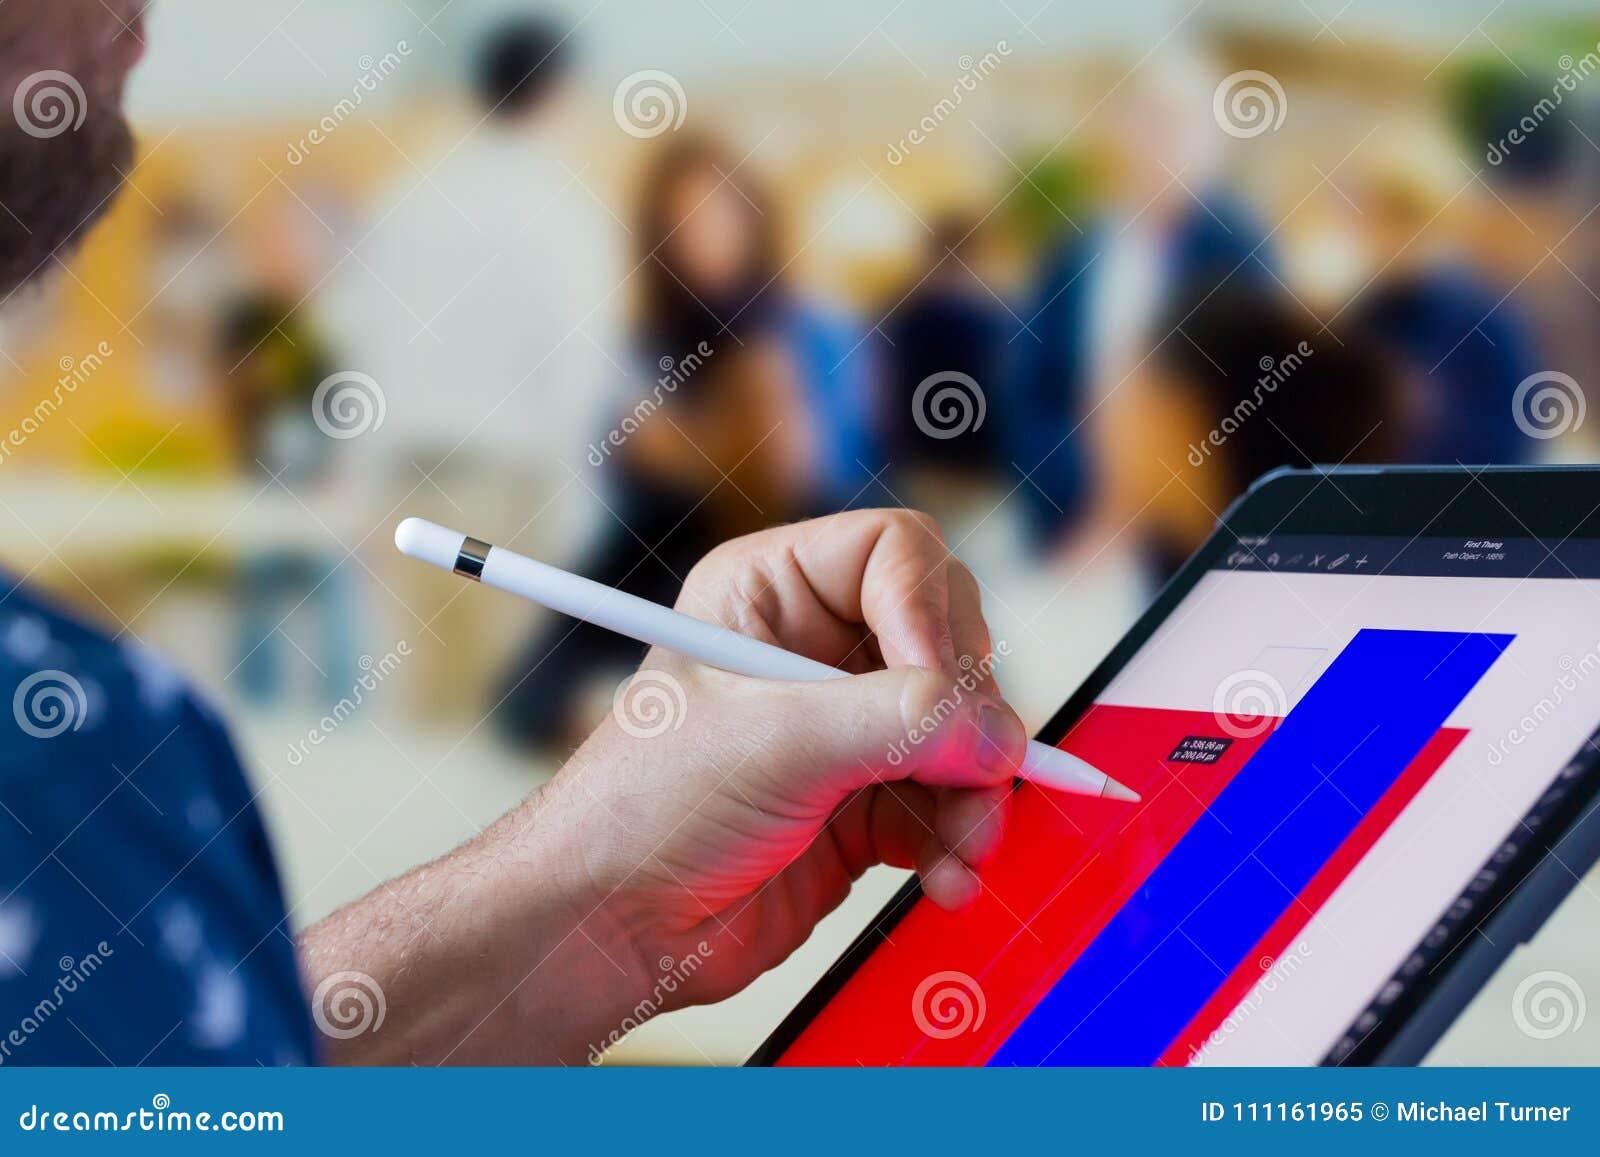 Mano caucásica surgida del cierre usando un iPad para hacer diseño gráfico en un app